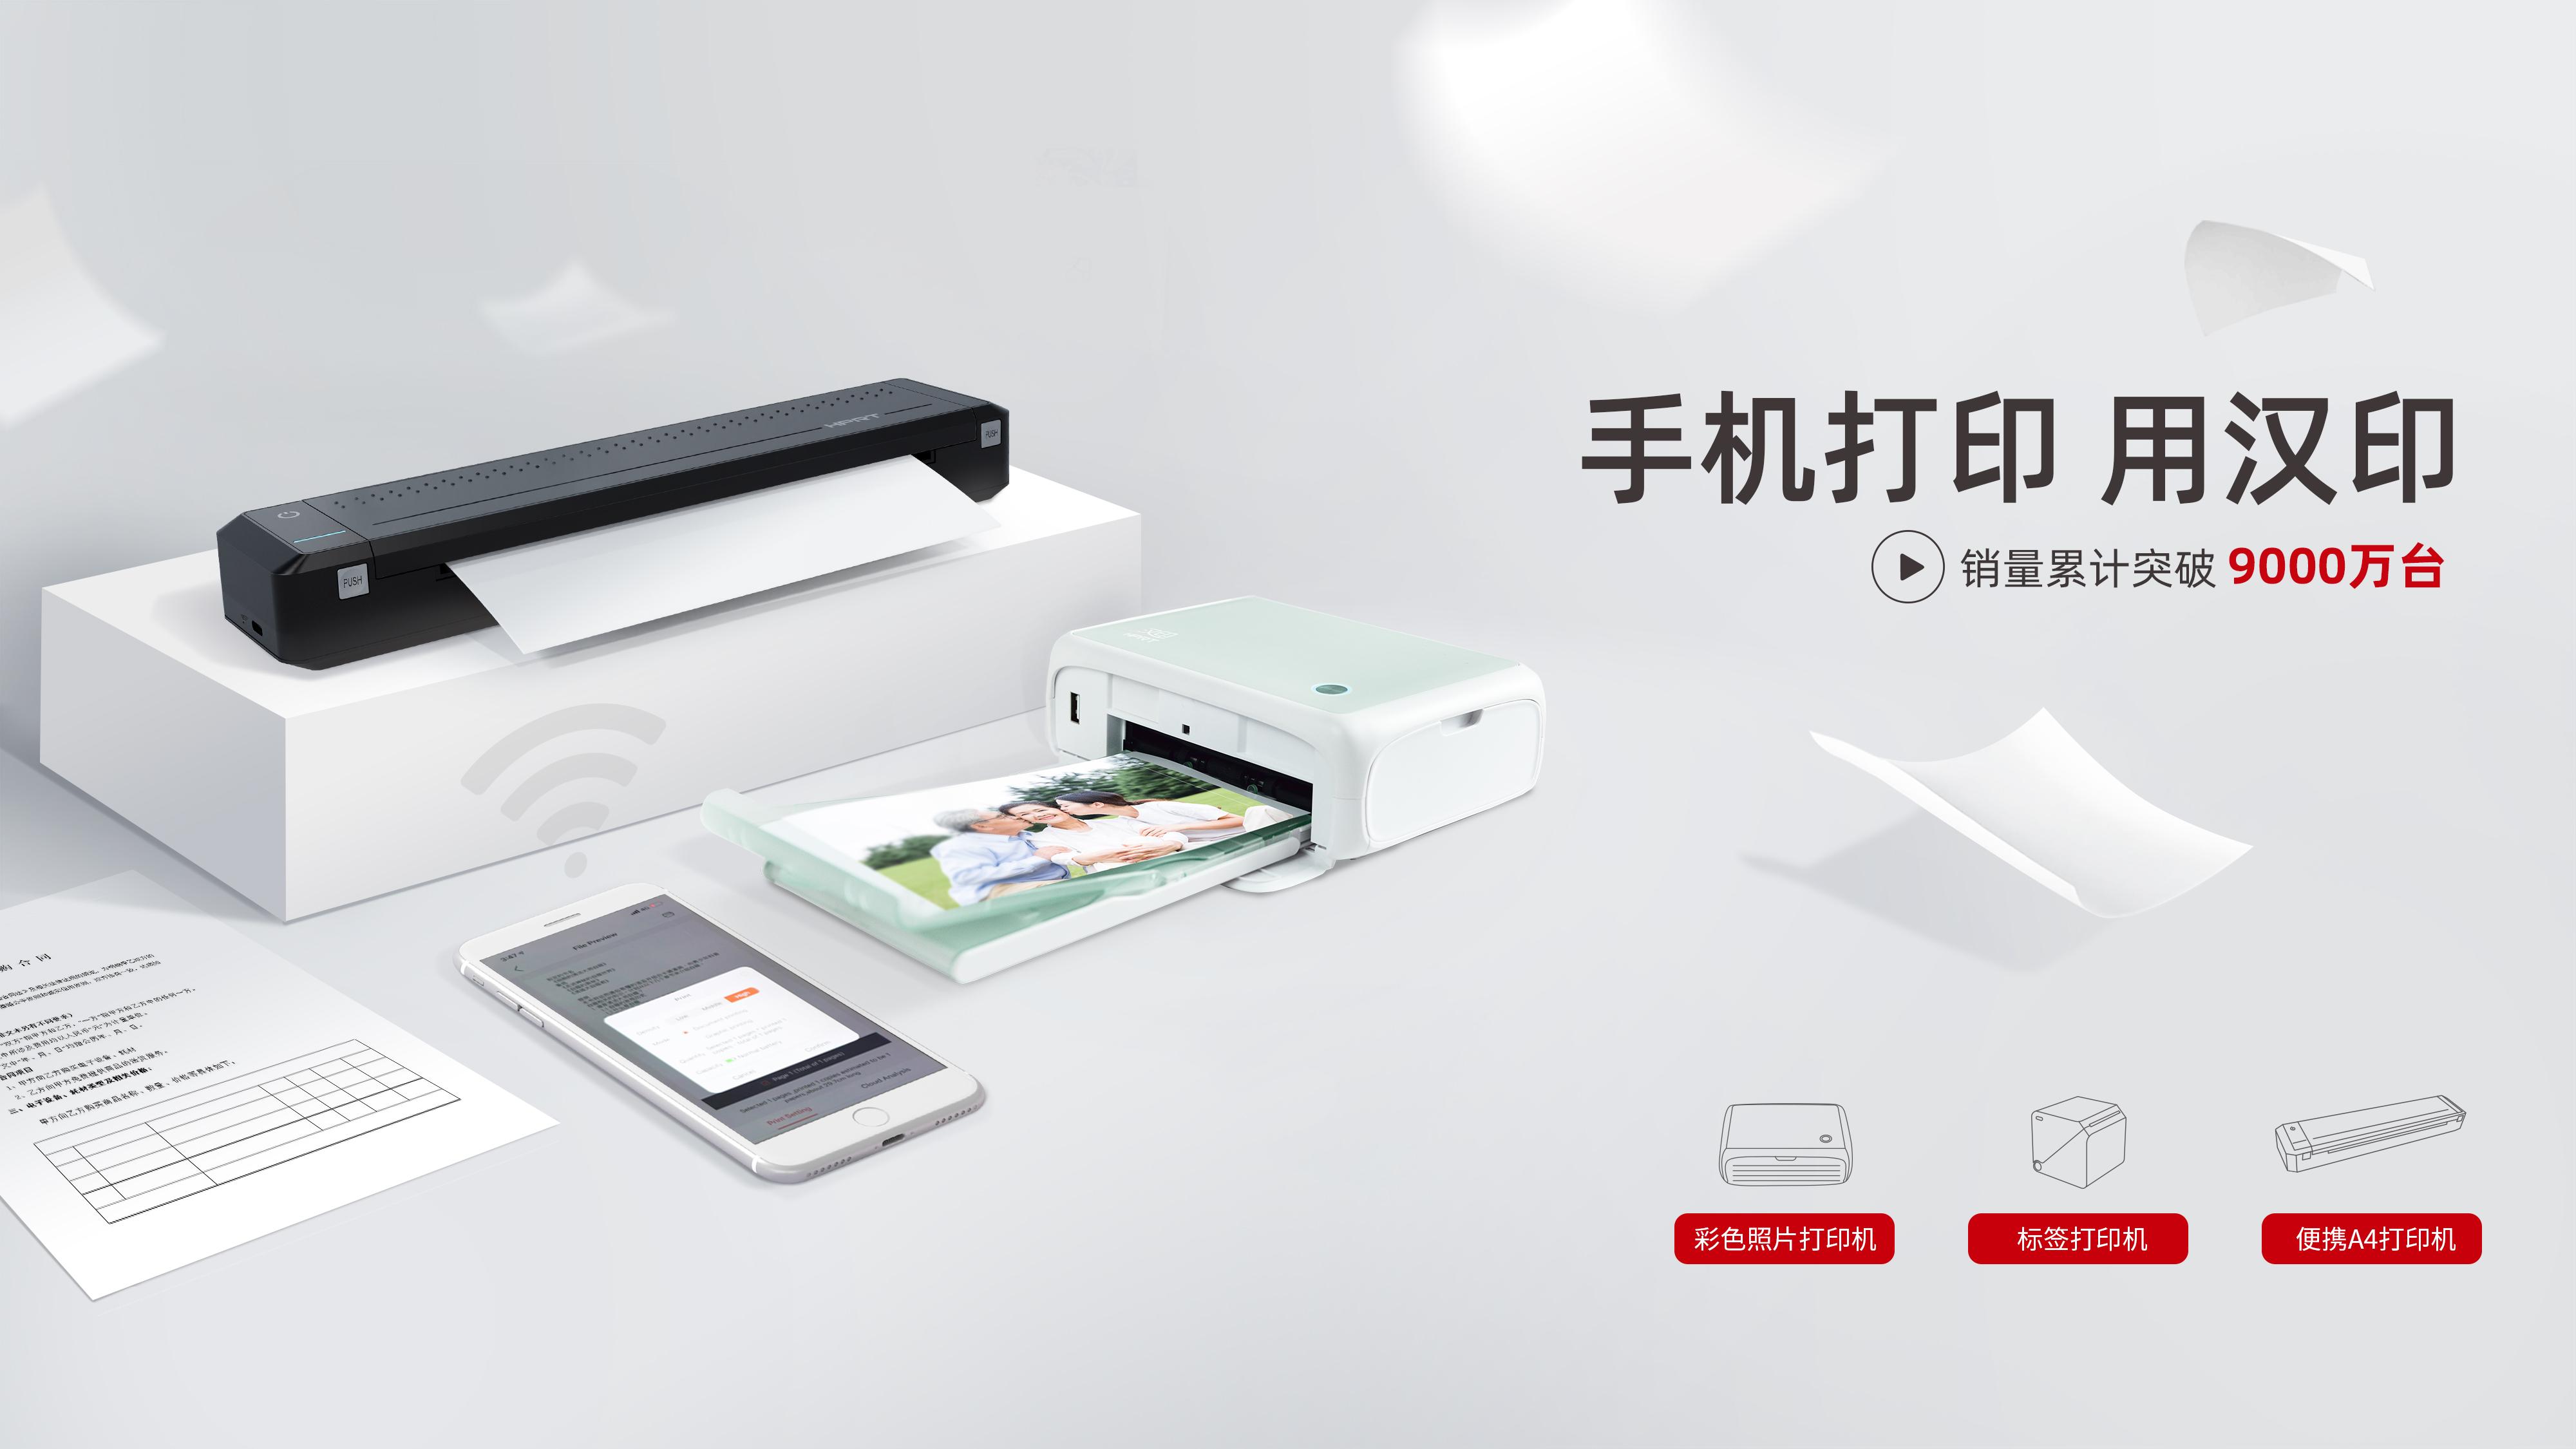 手机打印用汉印——汉印引领移动打印新潮流